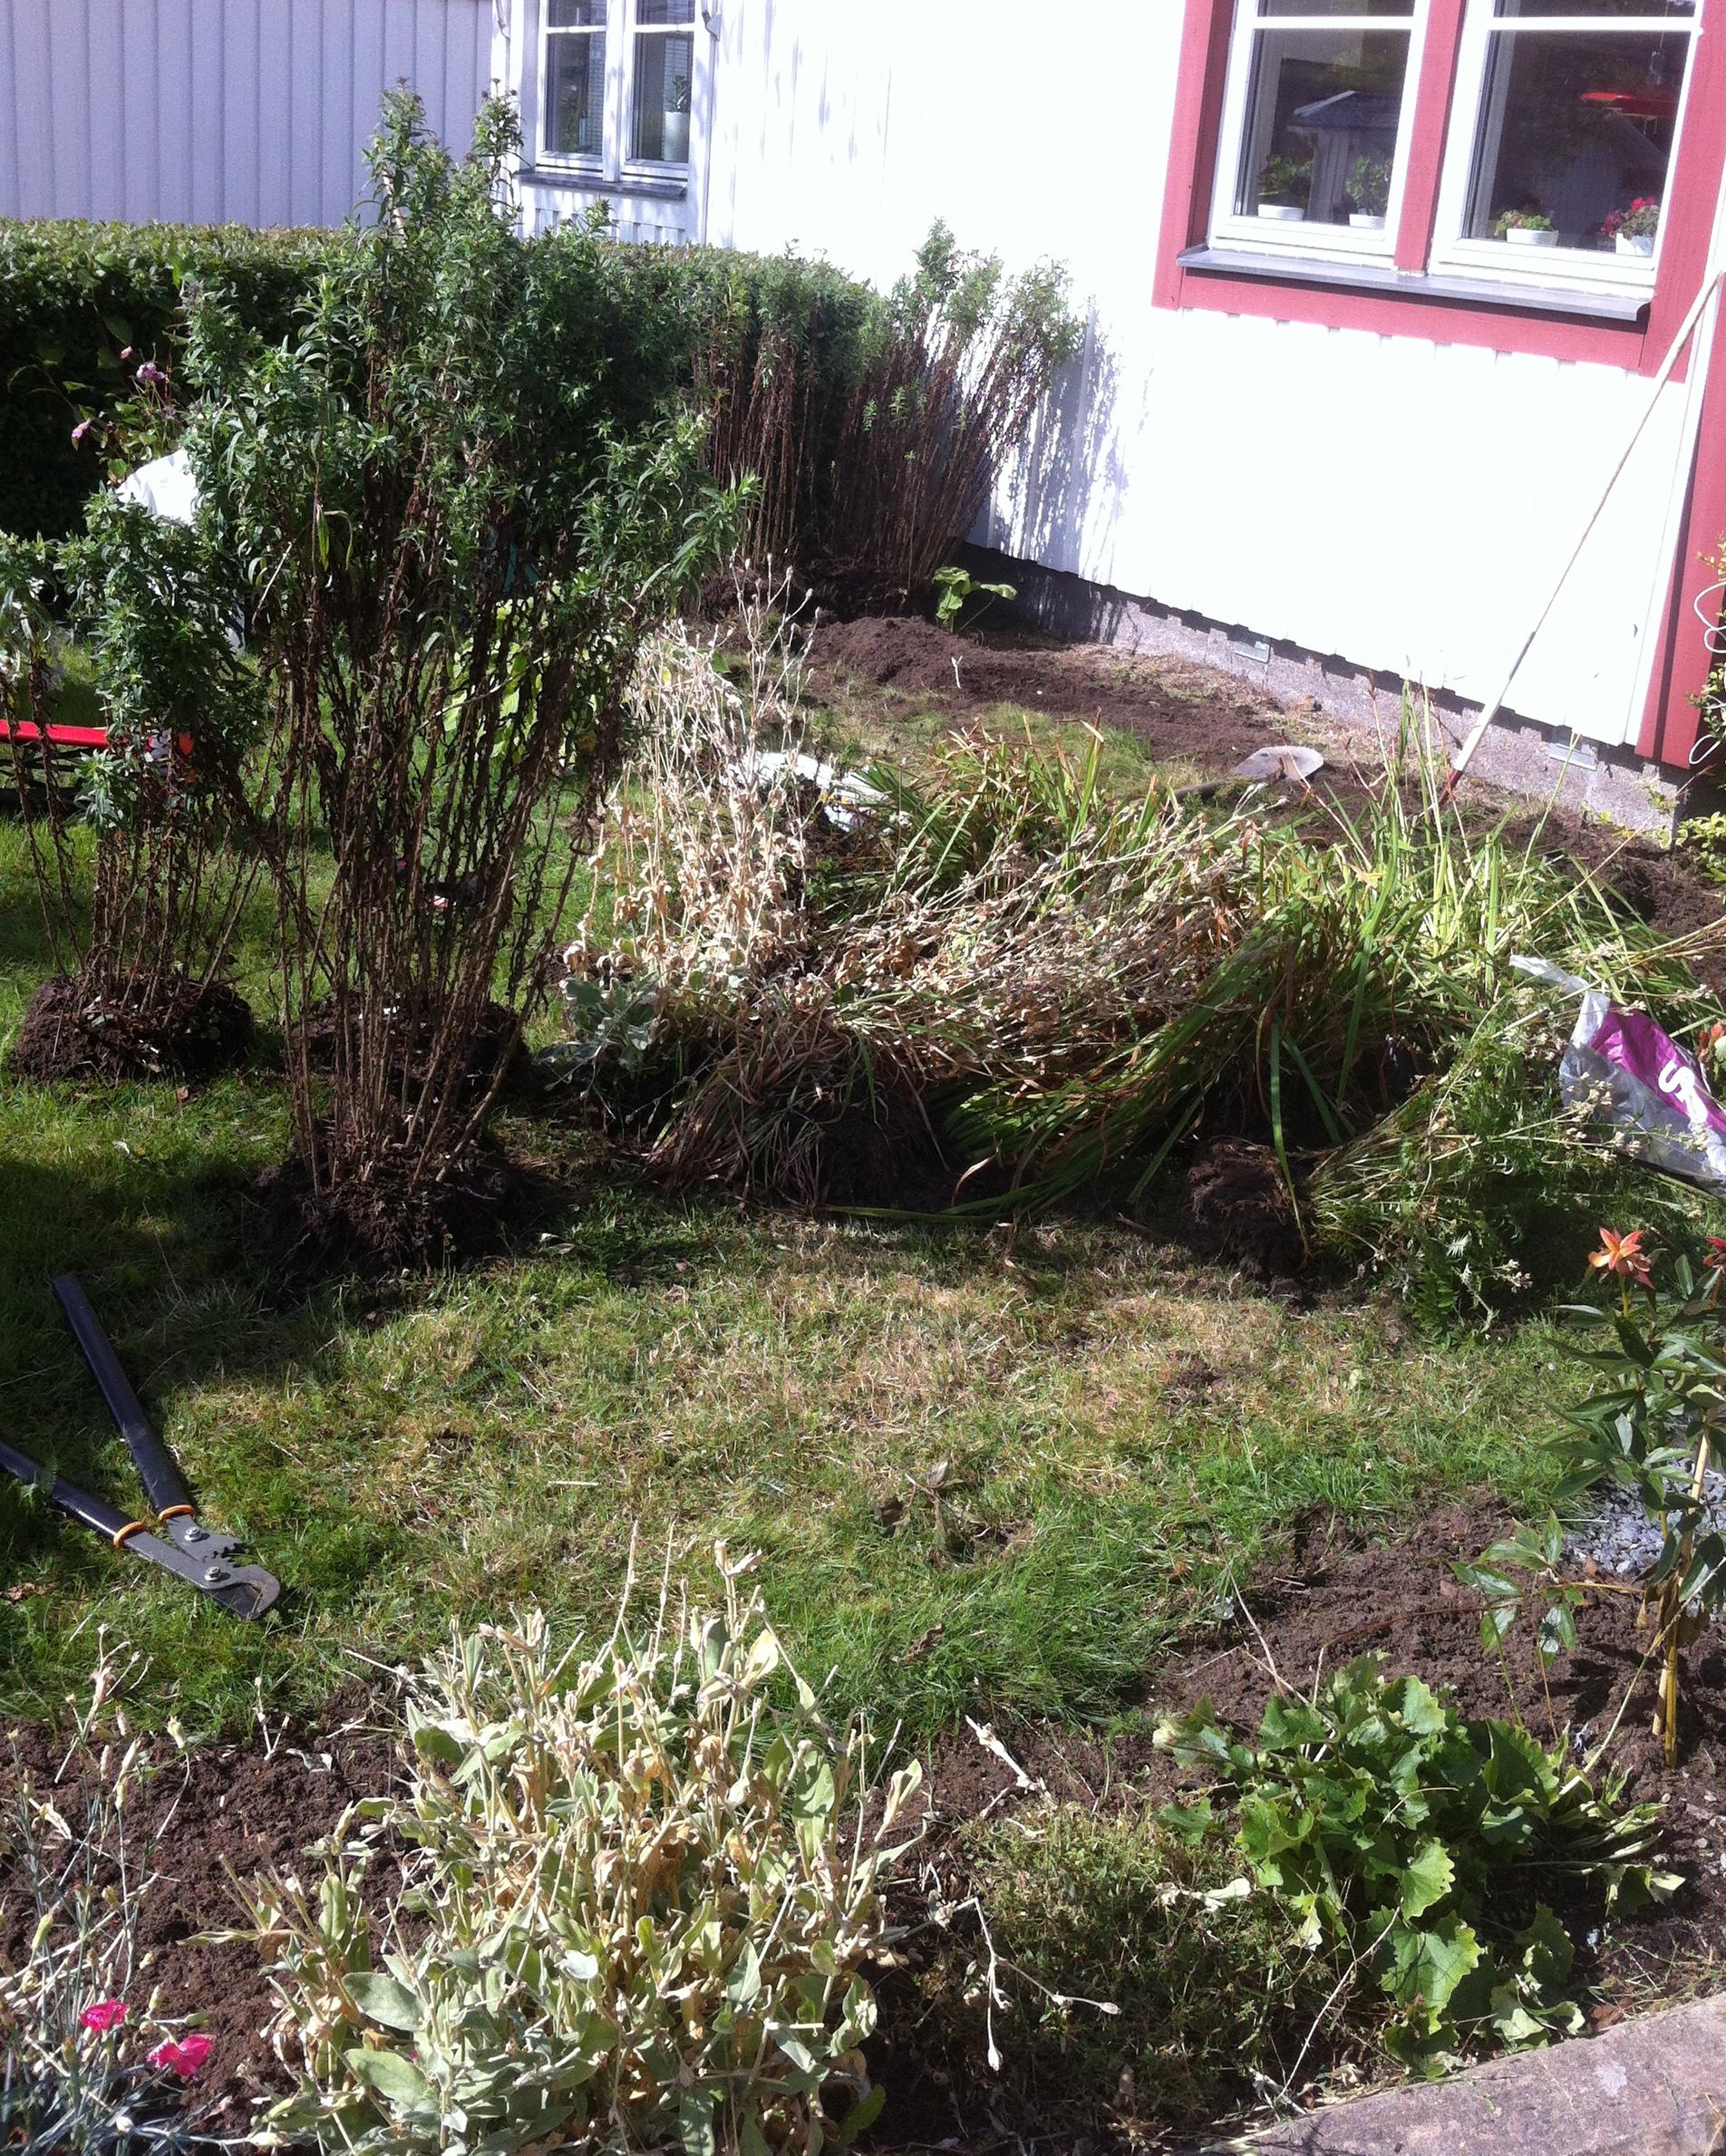 Malins trädgård och pyssel